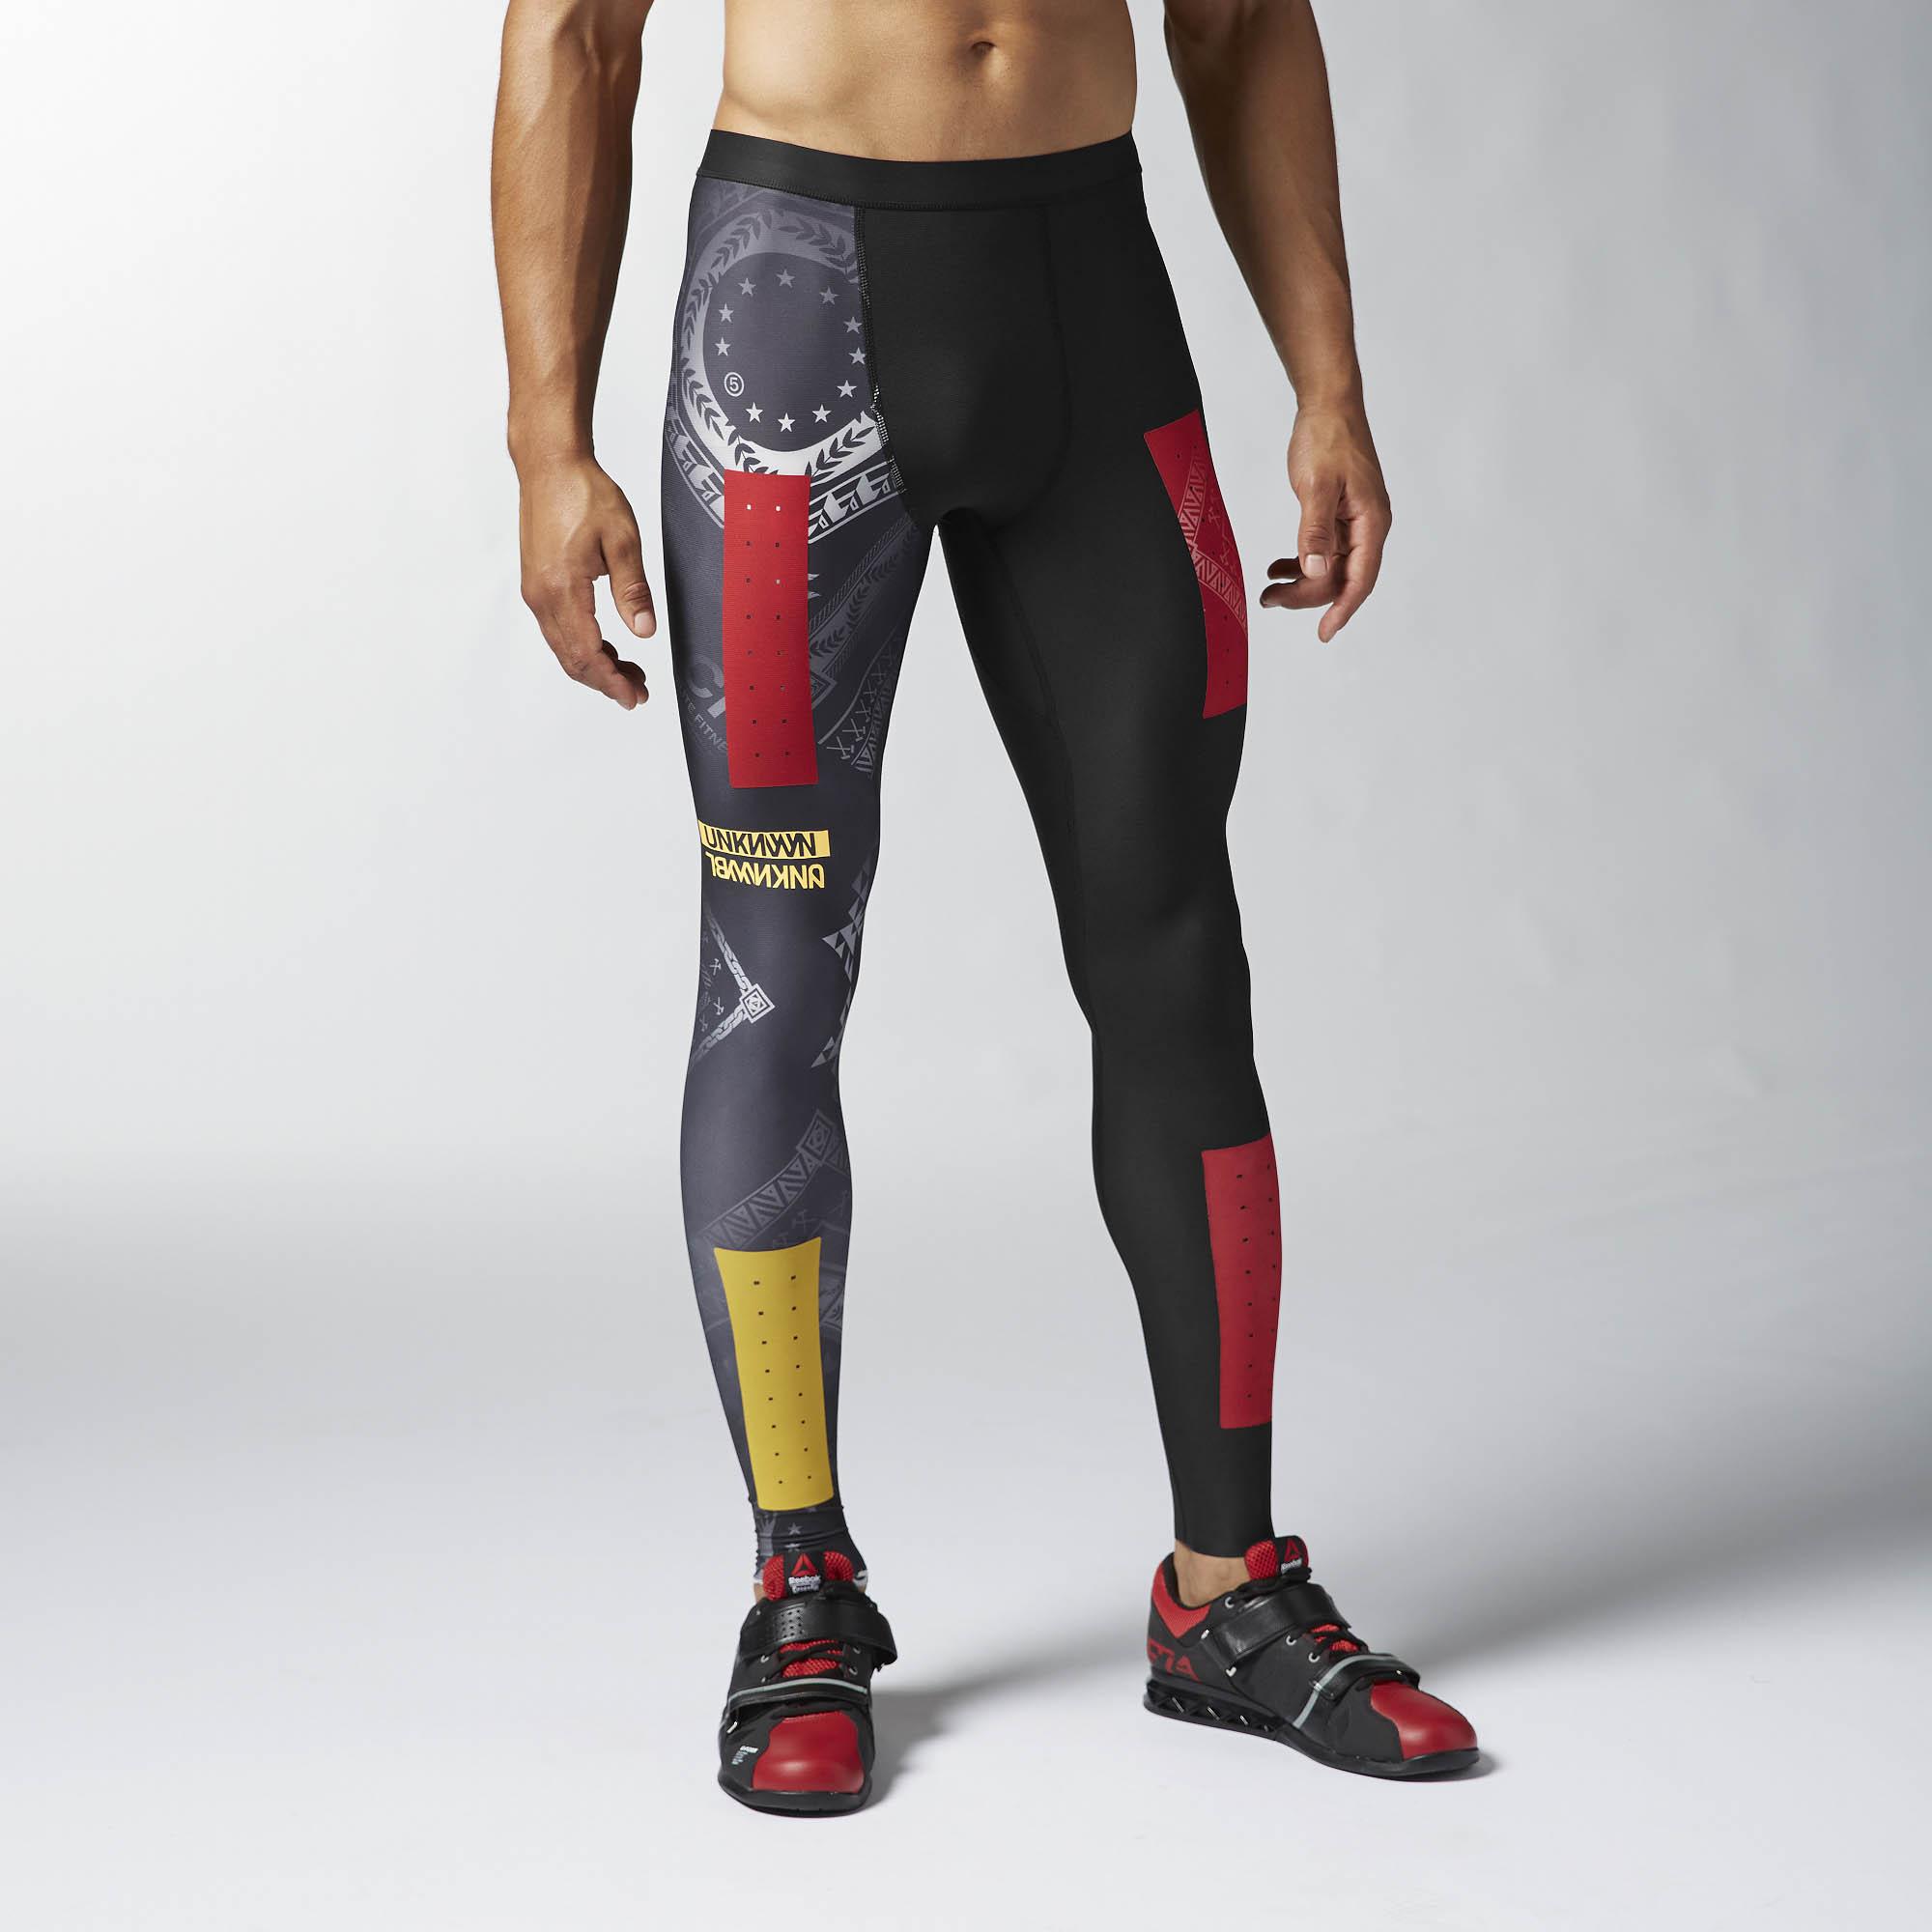 Тем, кто занимается тяжелой атлетикой или просто вынужден ежедневно таскать  тяжести следует выбрать компрессионные водолазки и кальсоны. 901b1e7c4f0